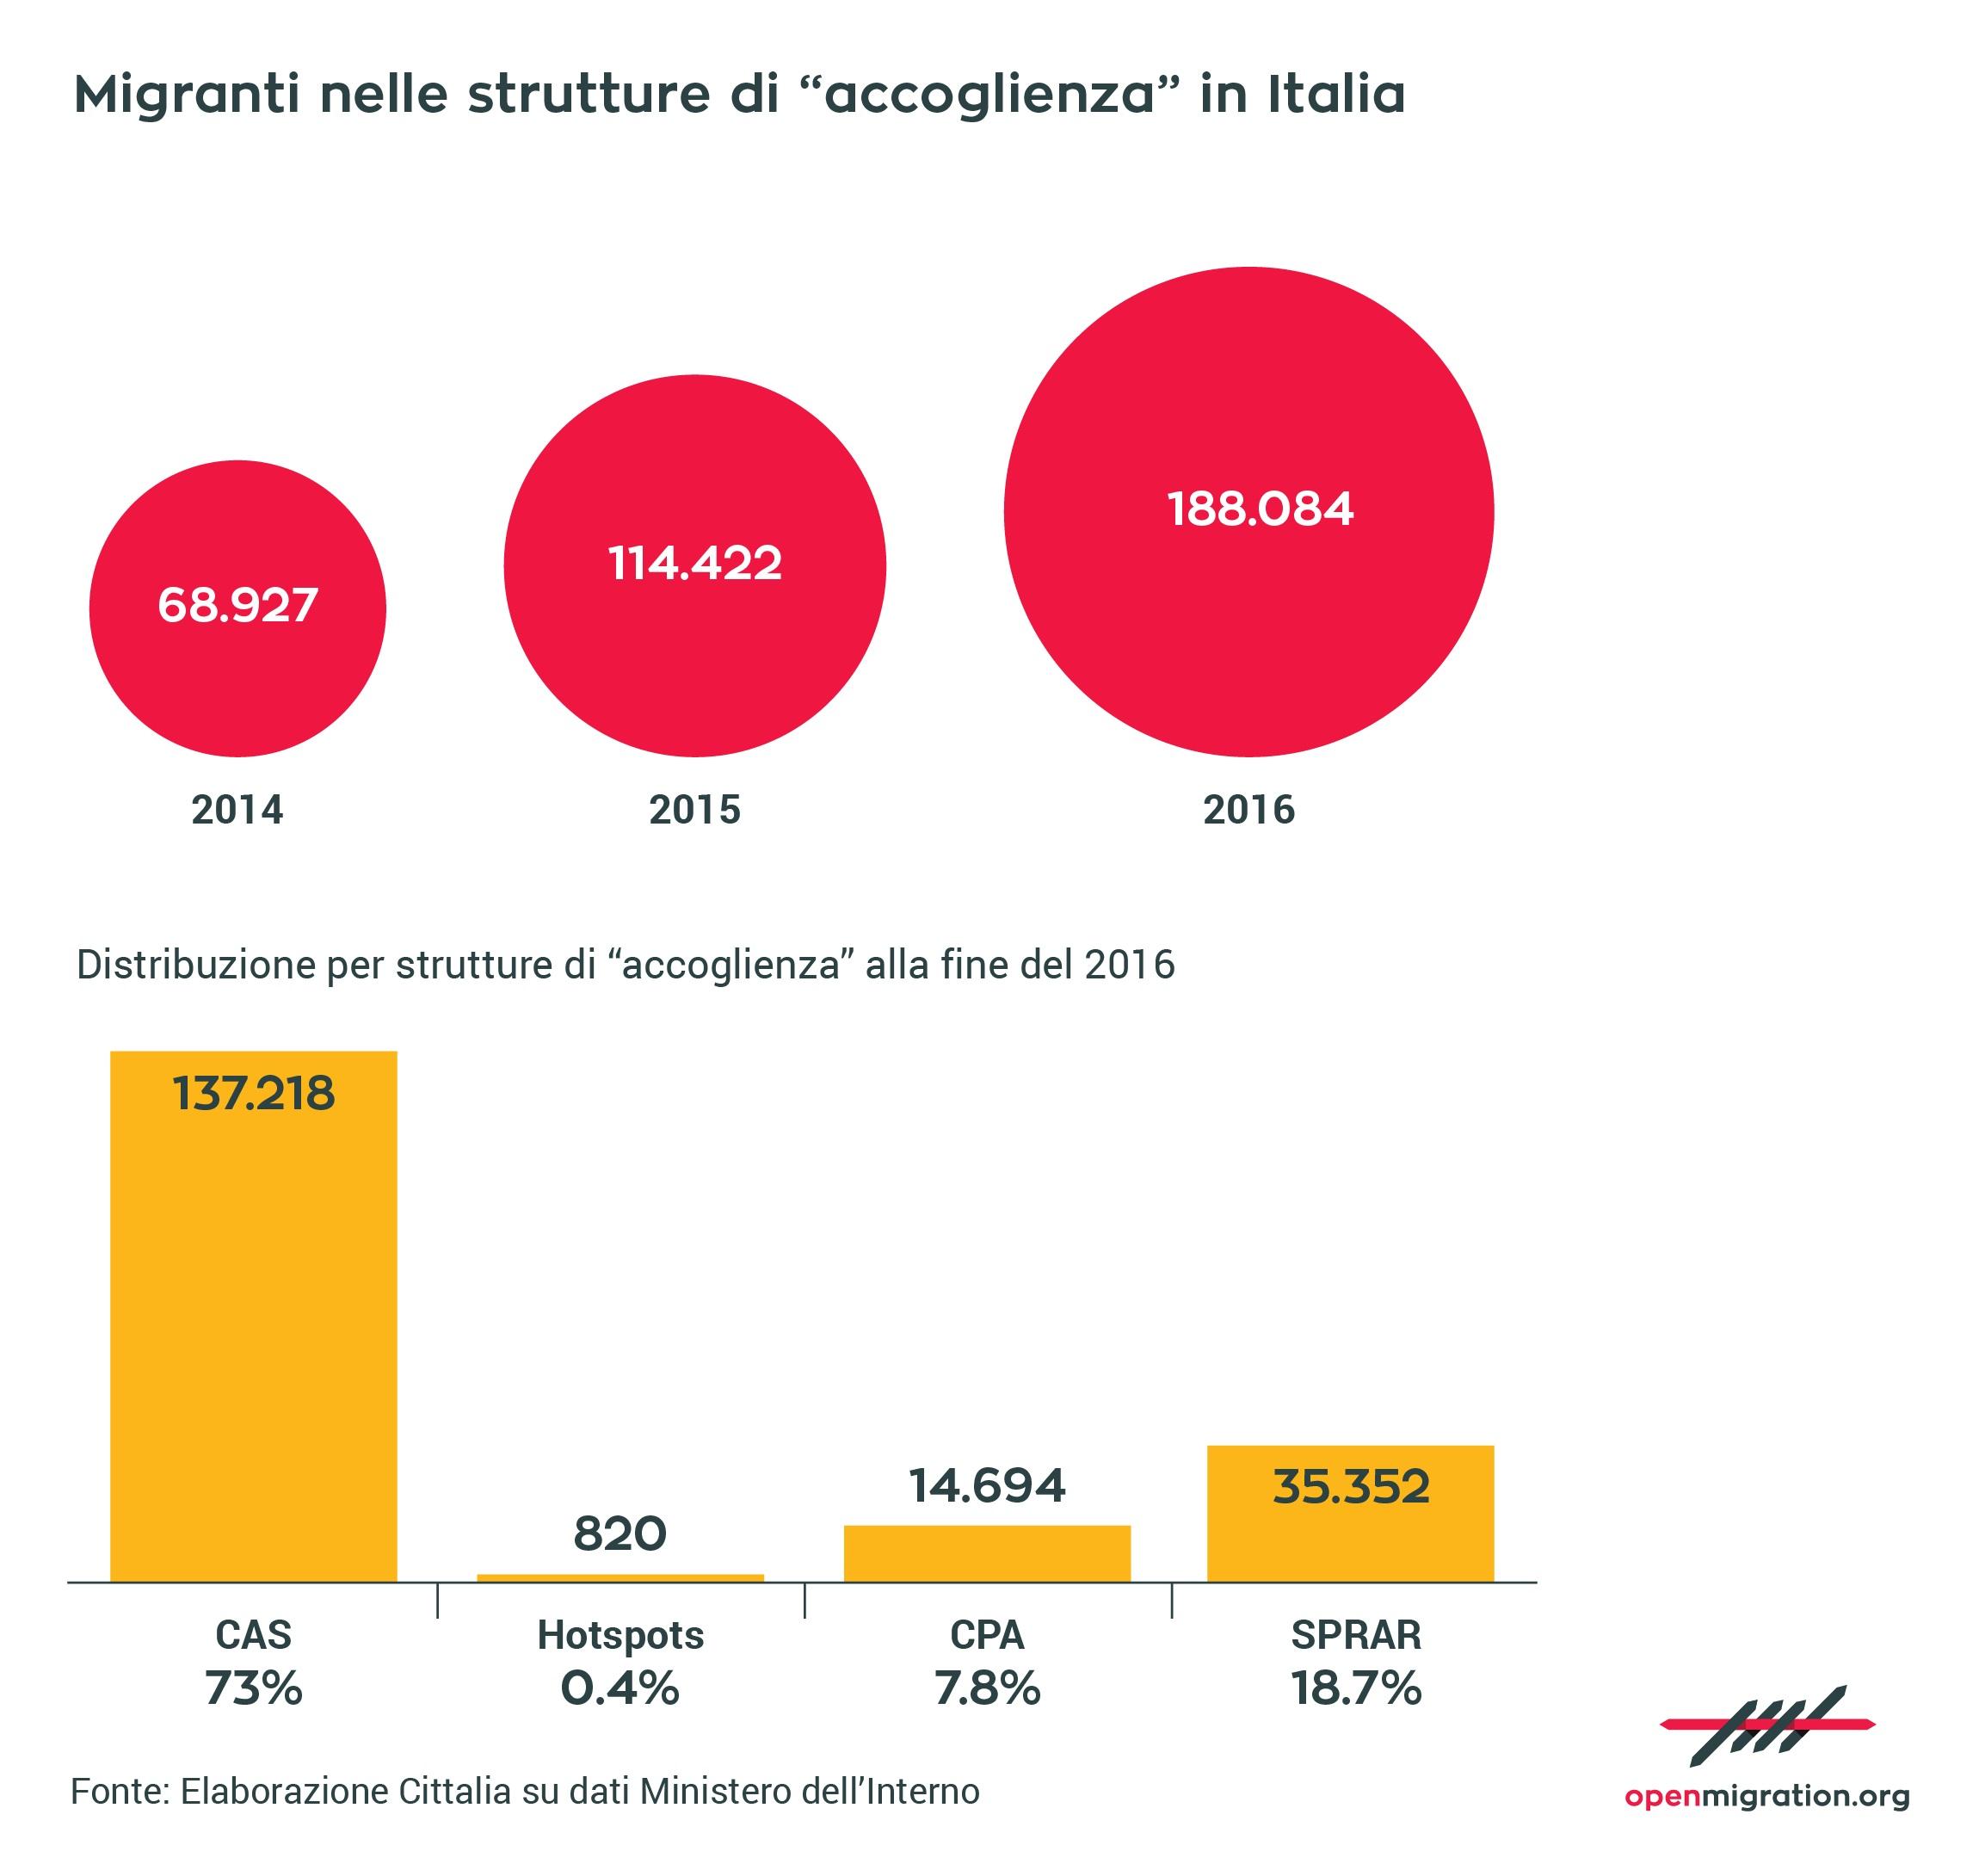 """Migranti nelle strutture di """"accoglienza"""" in Italia, 2016"""